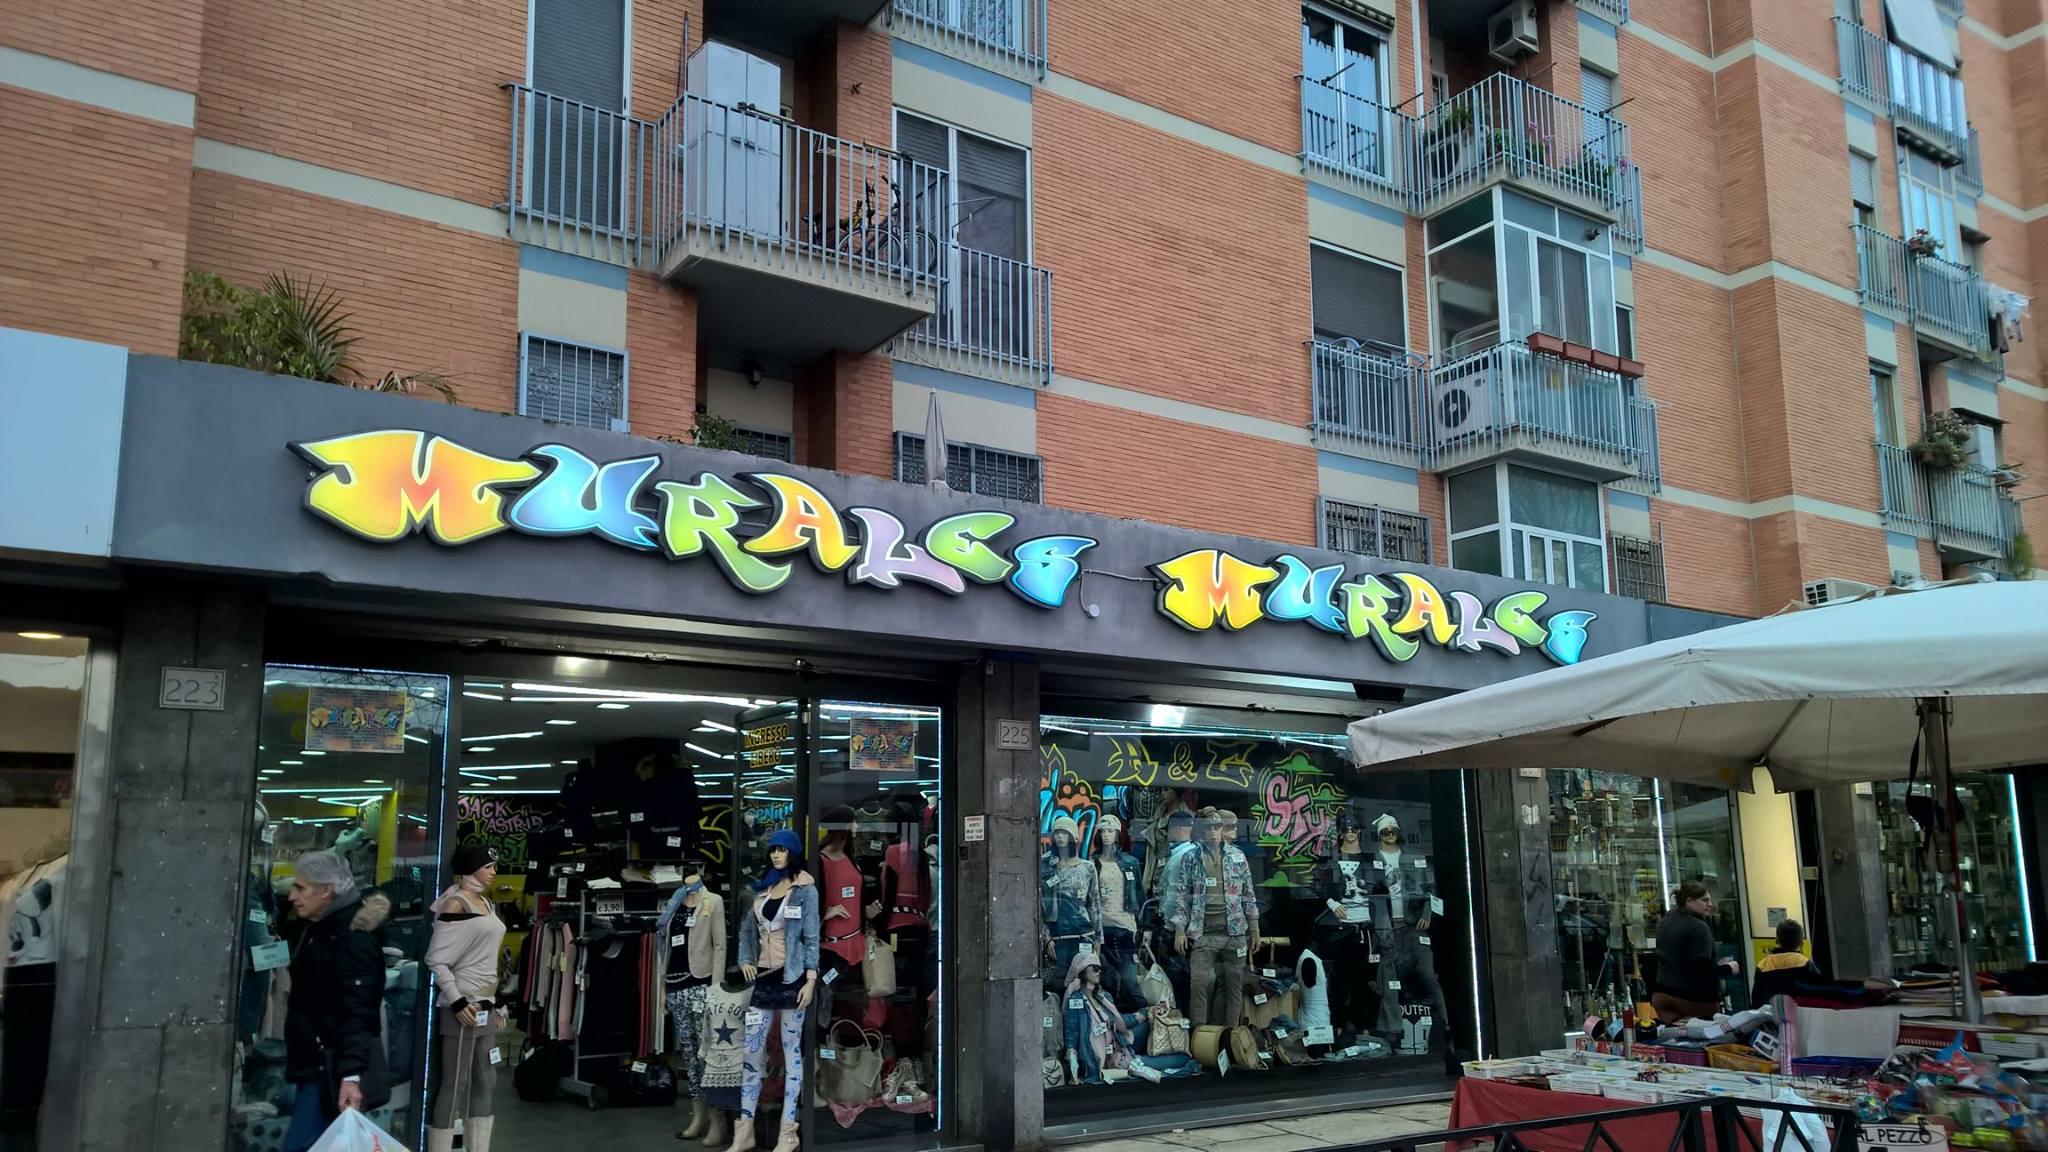 de naam van de winkel op de gevel